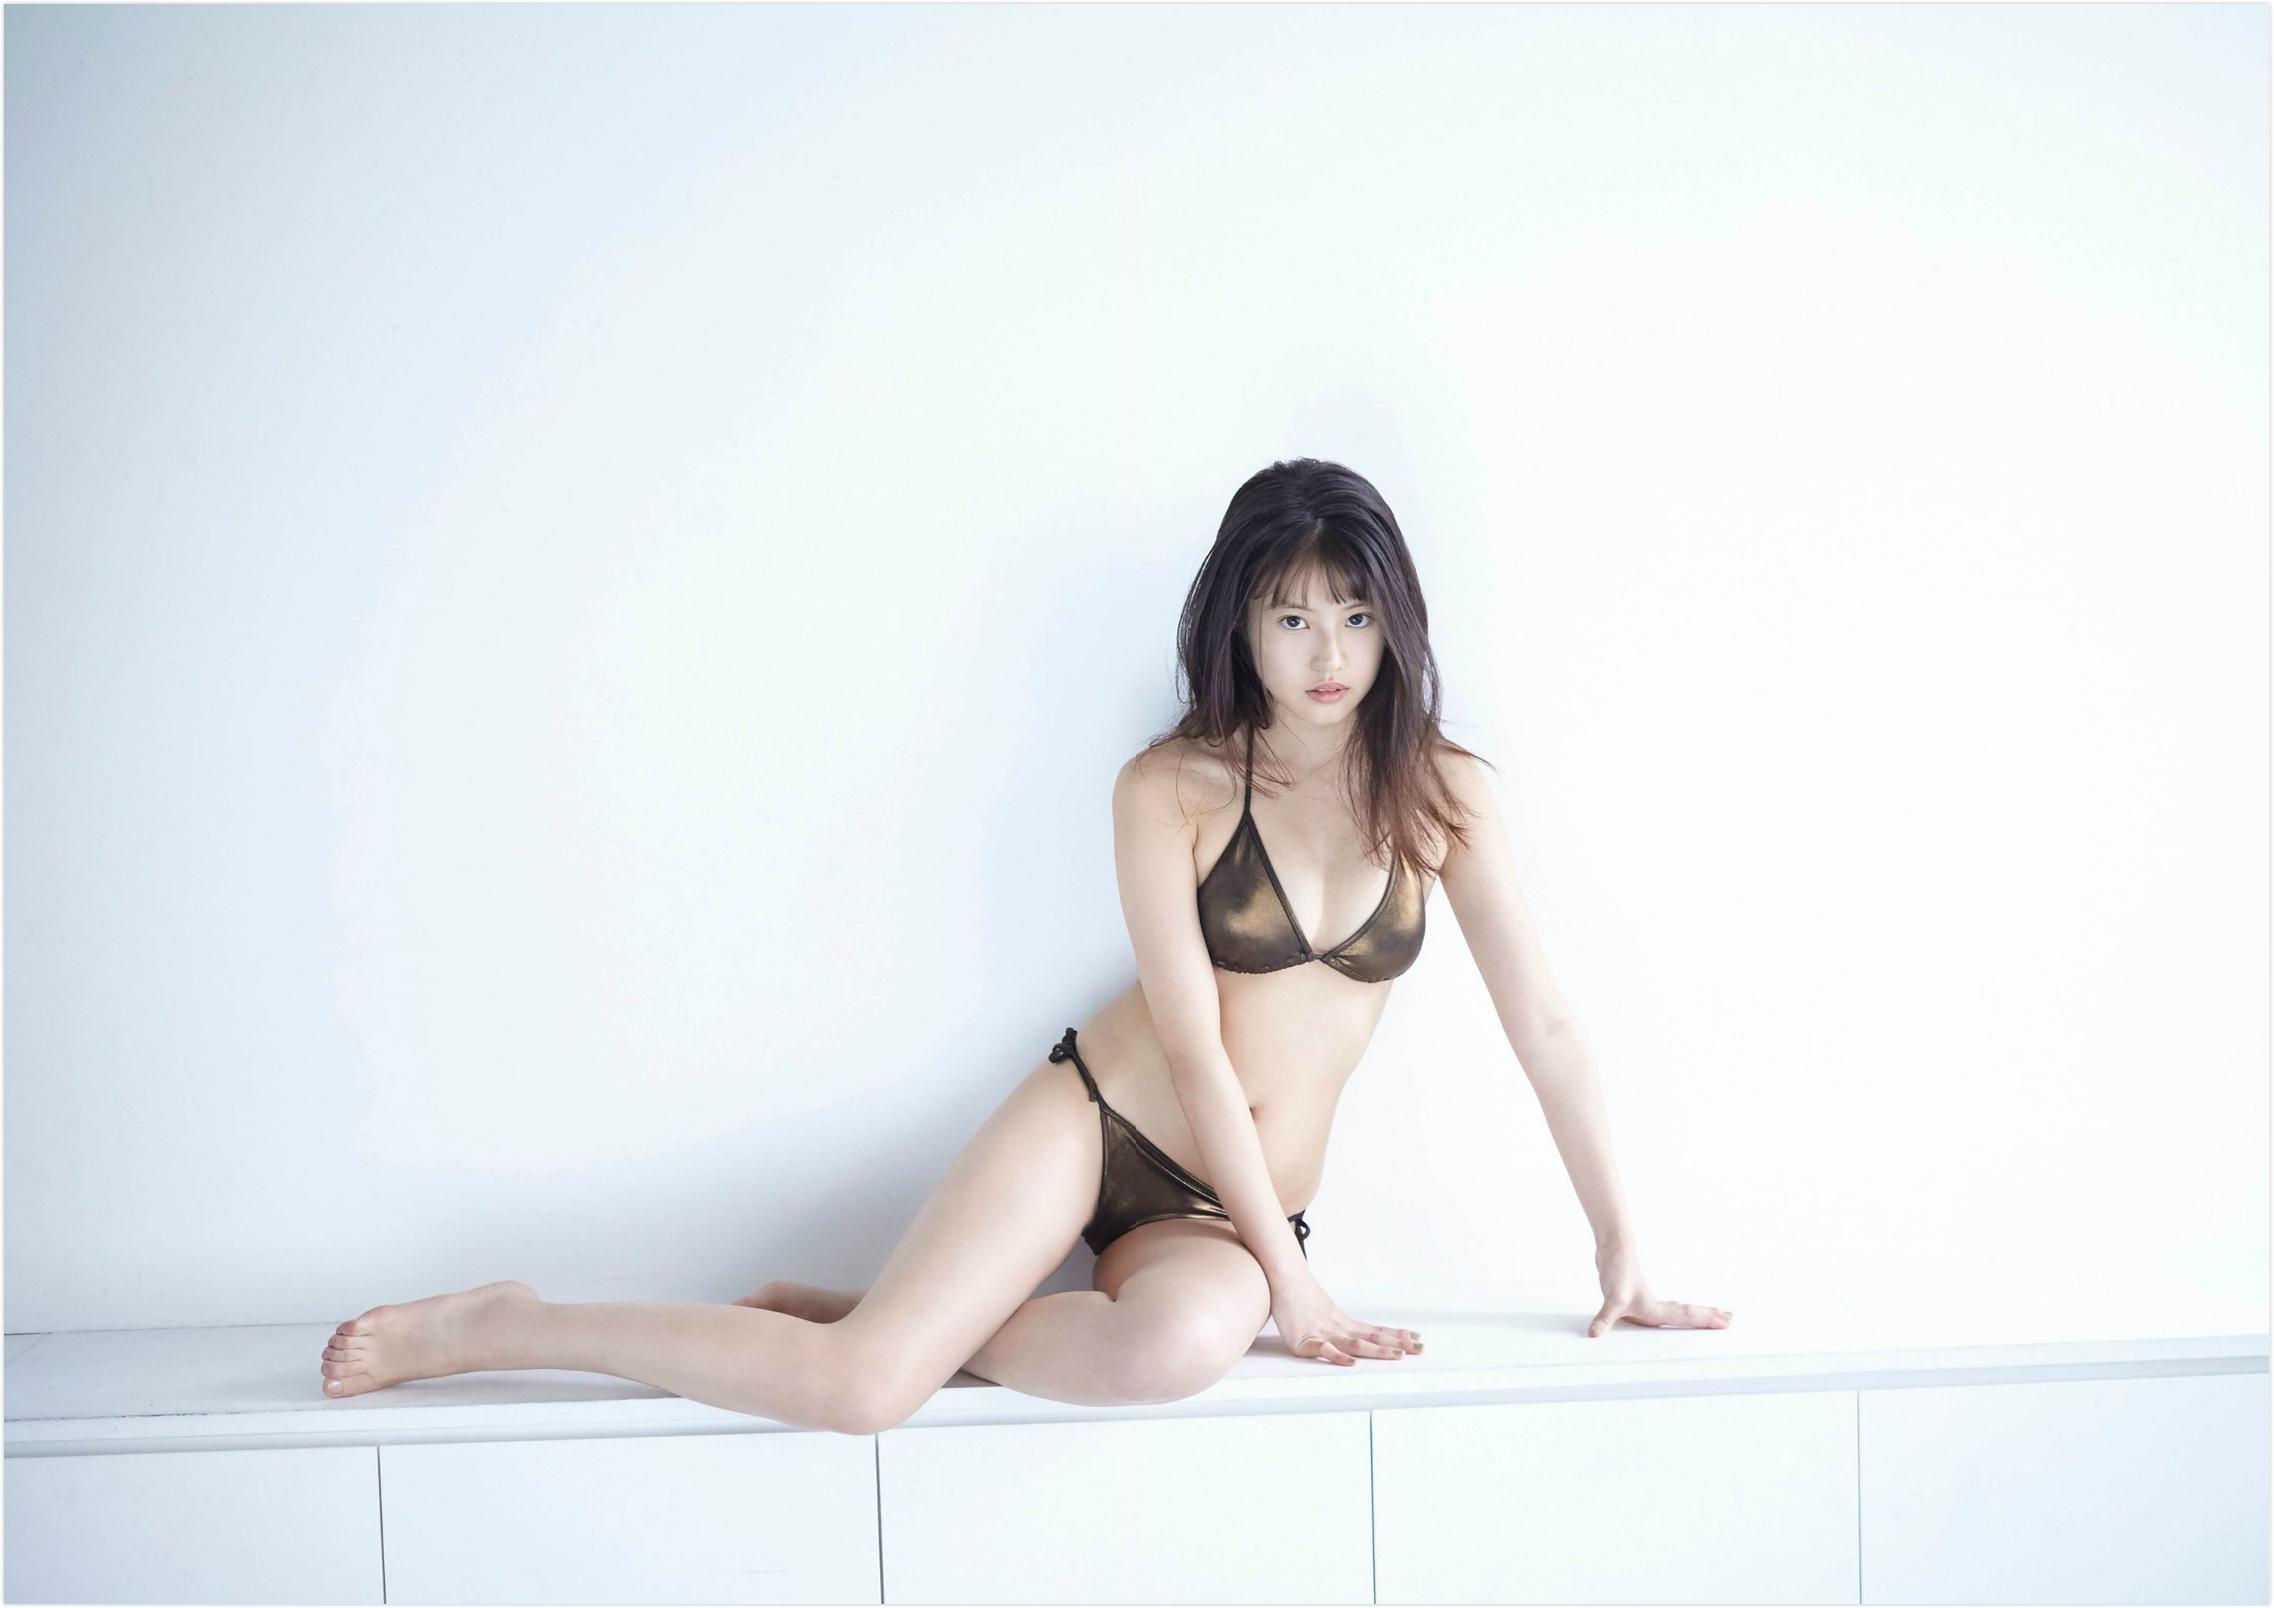 今田美樱 写真集118-119